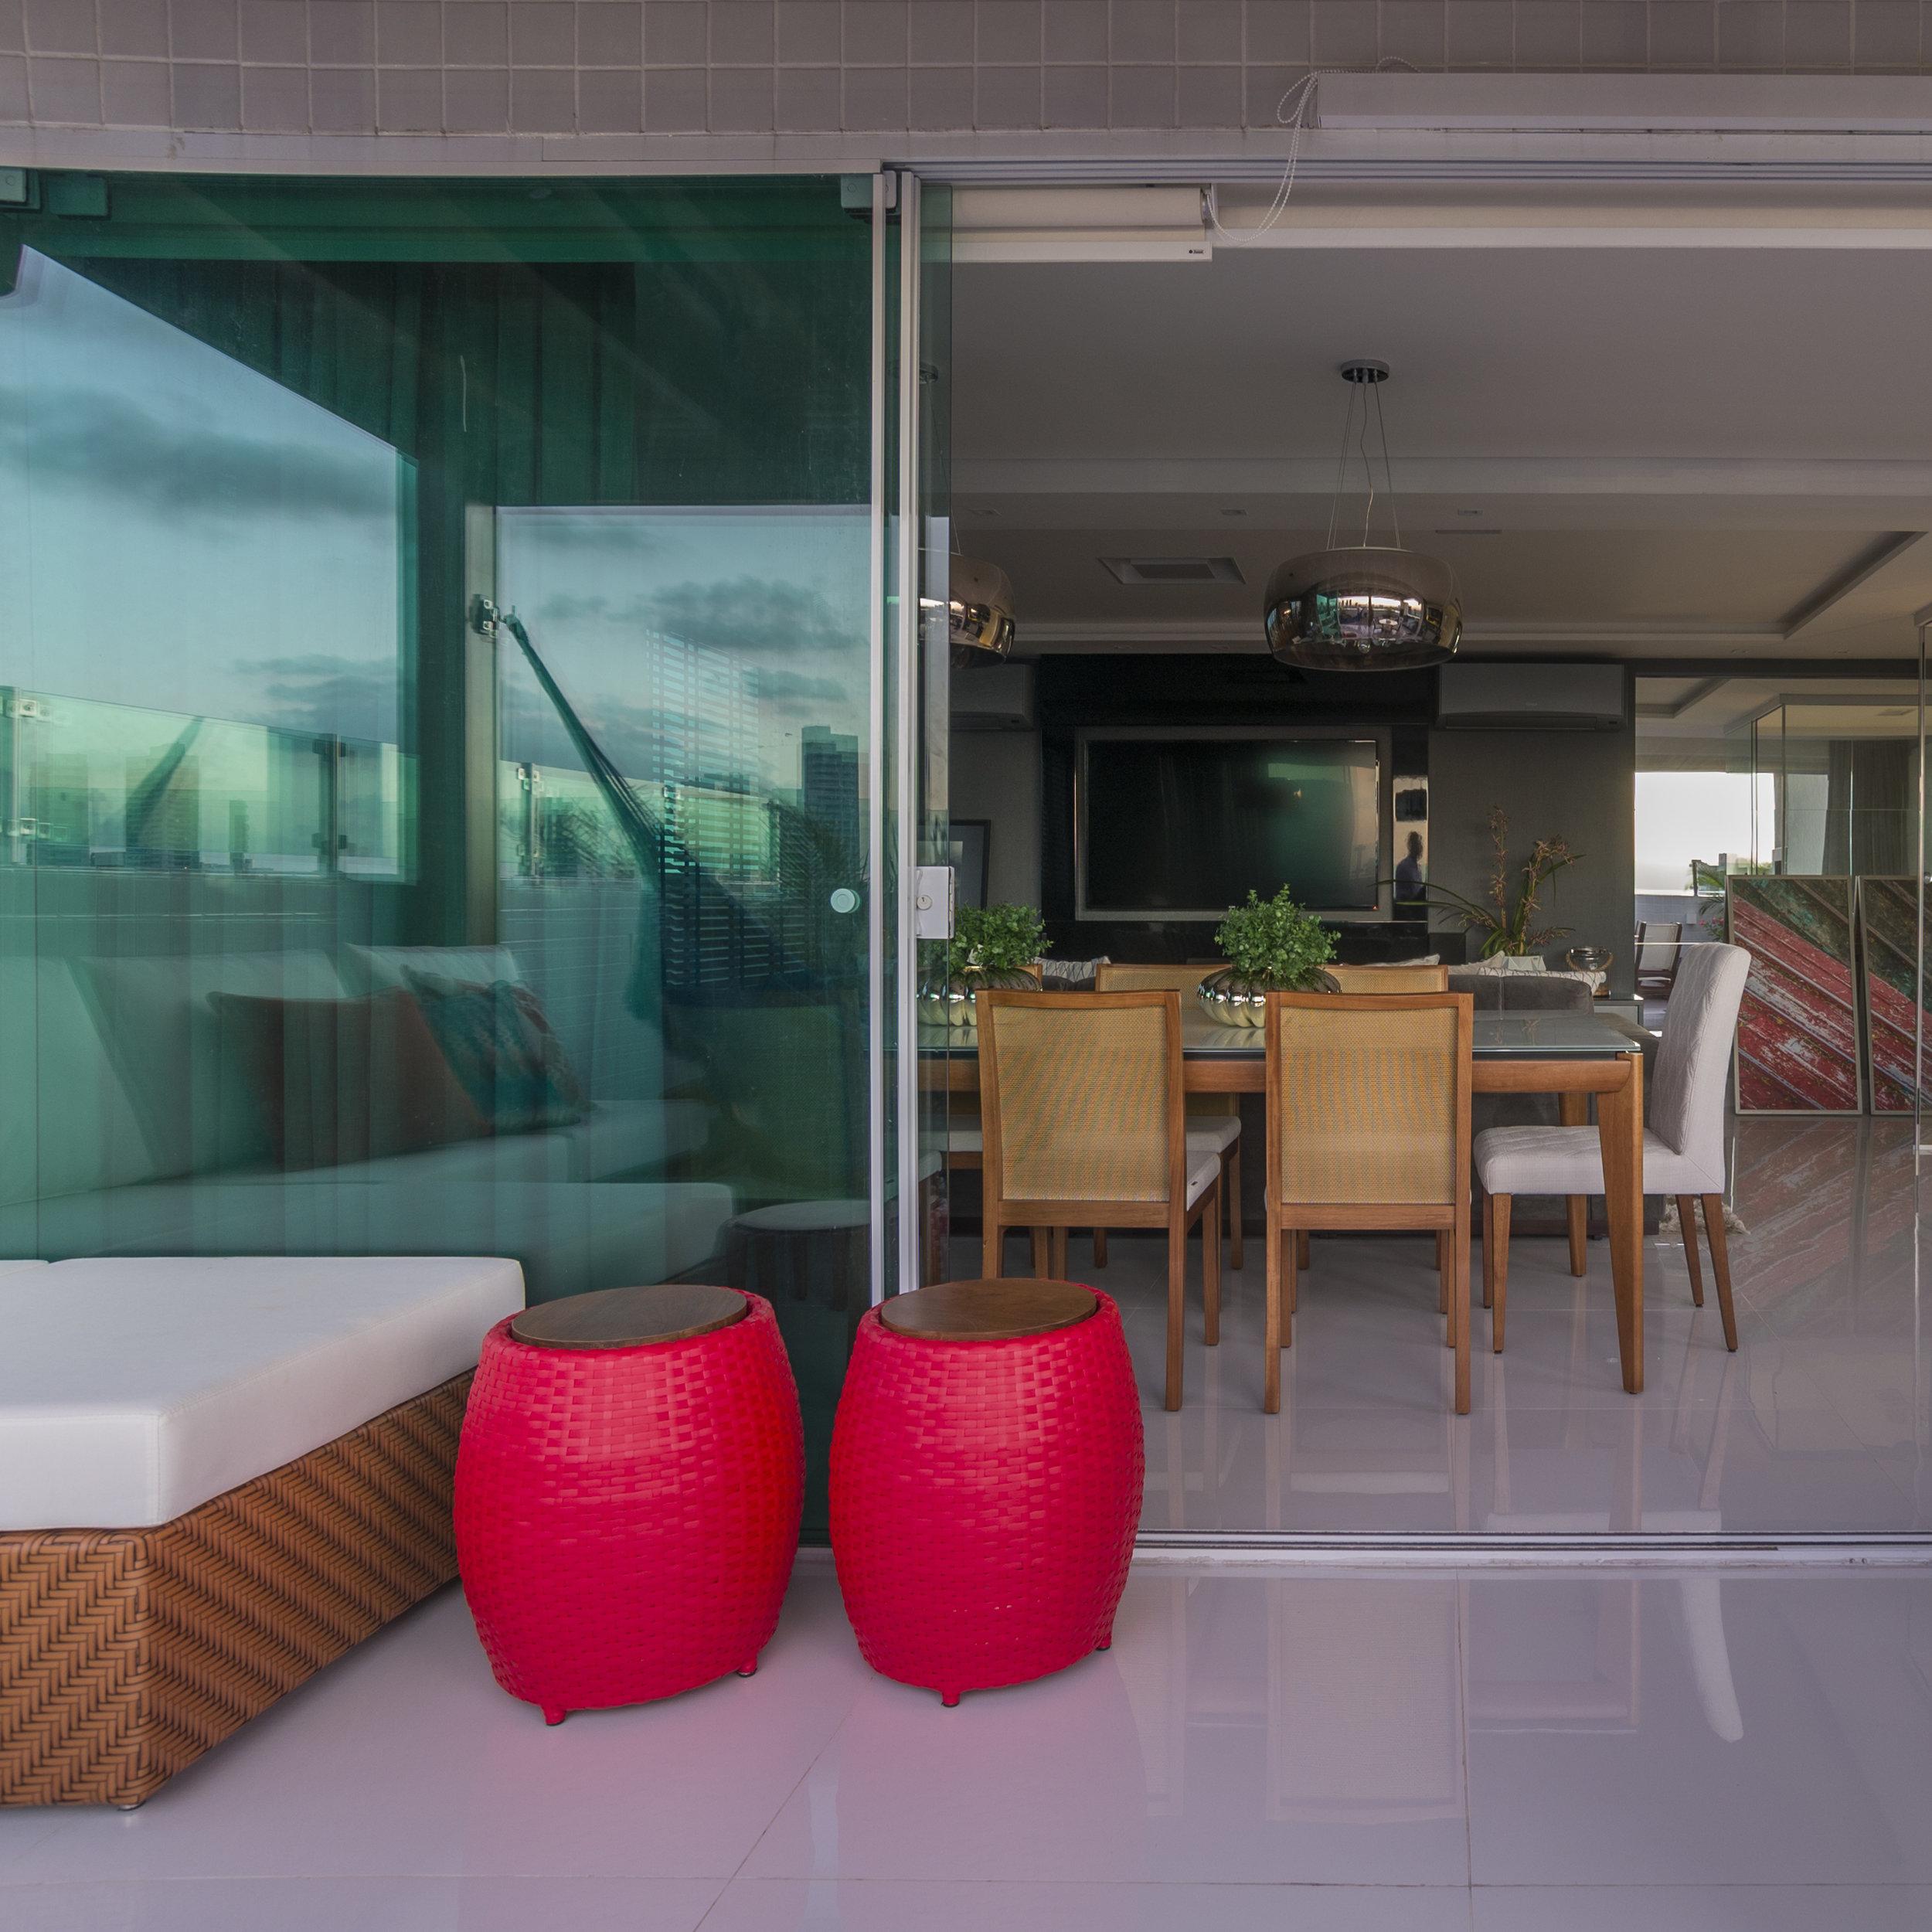 projeto-arquitetonico-robertoindira-duo-arquitetura-apartamentos-gourmet-09.jpg